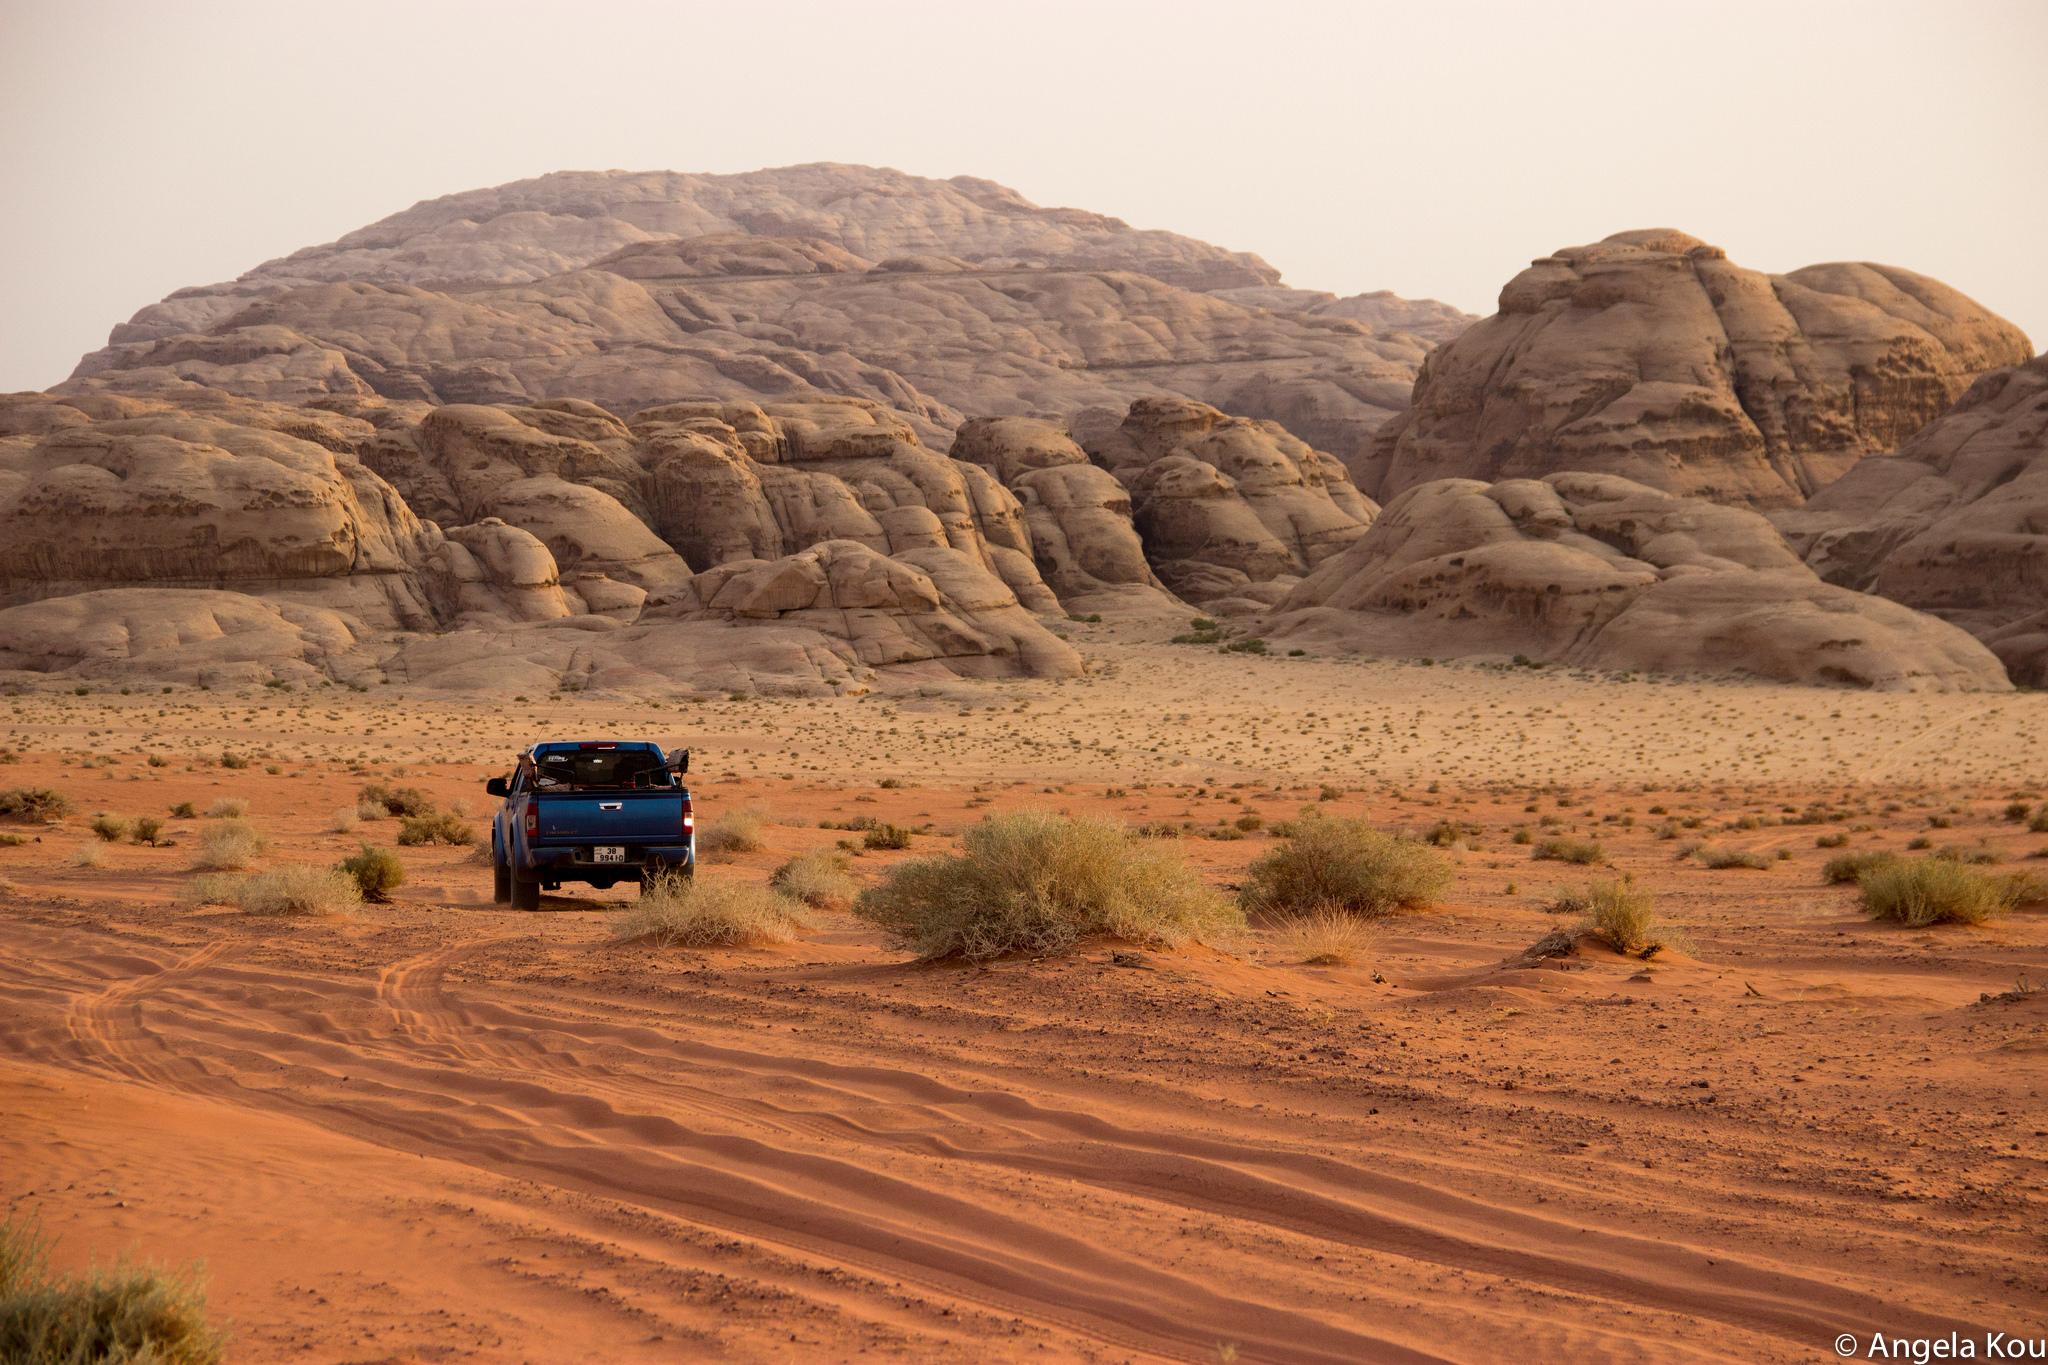 Wadi Rum - Bedouin Directions Camp